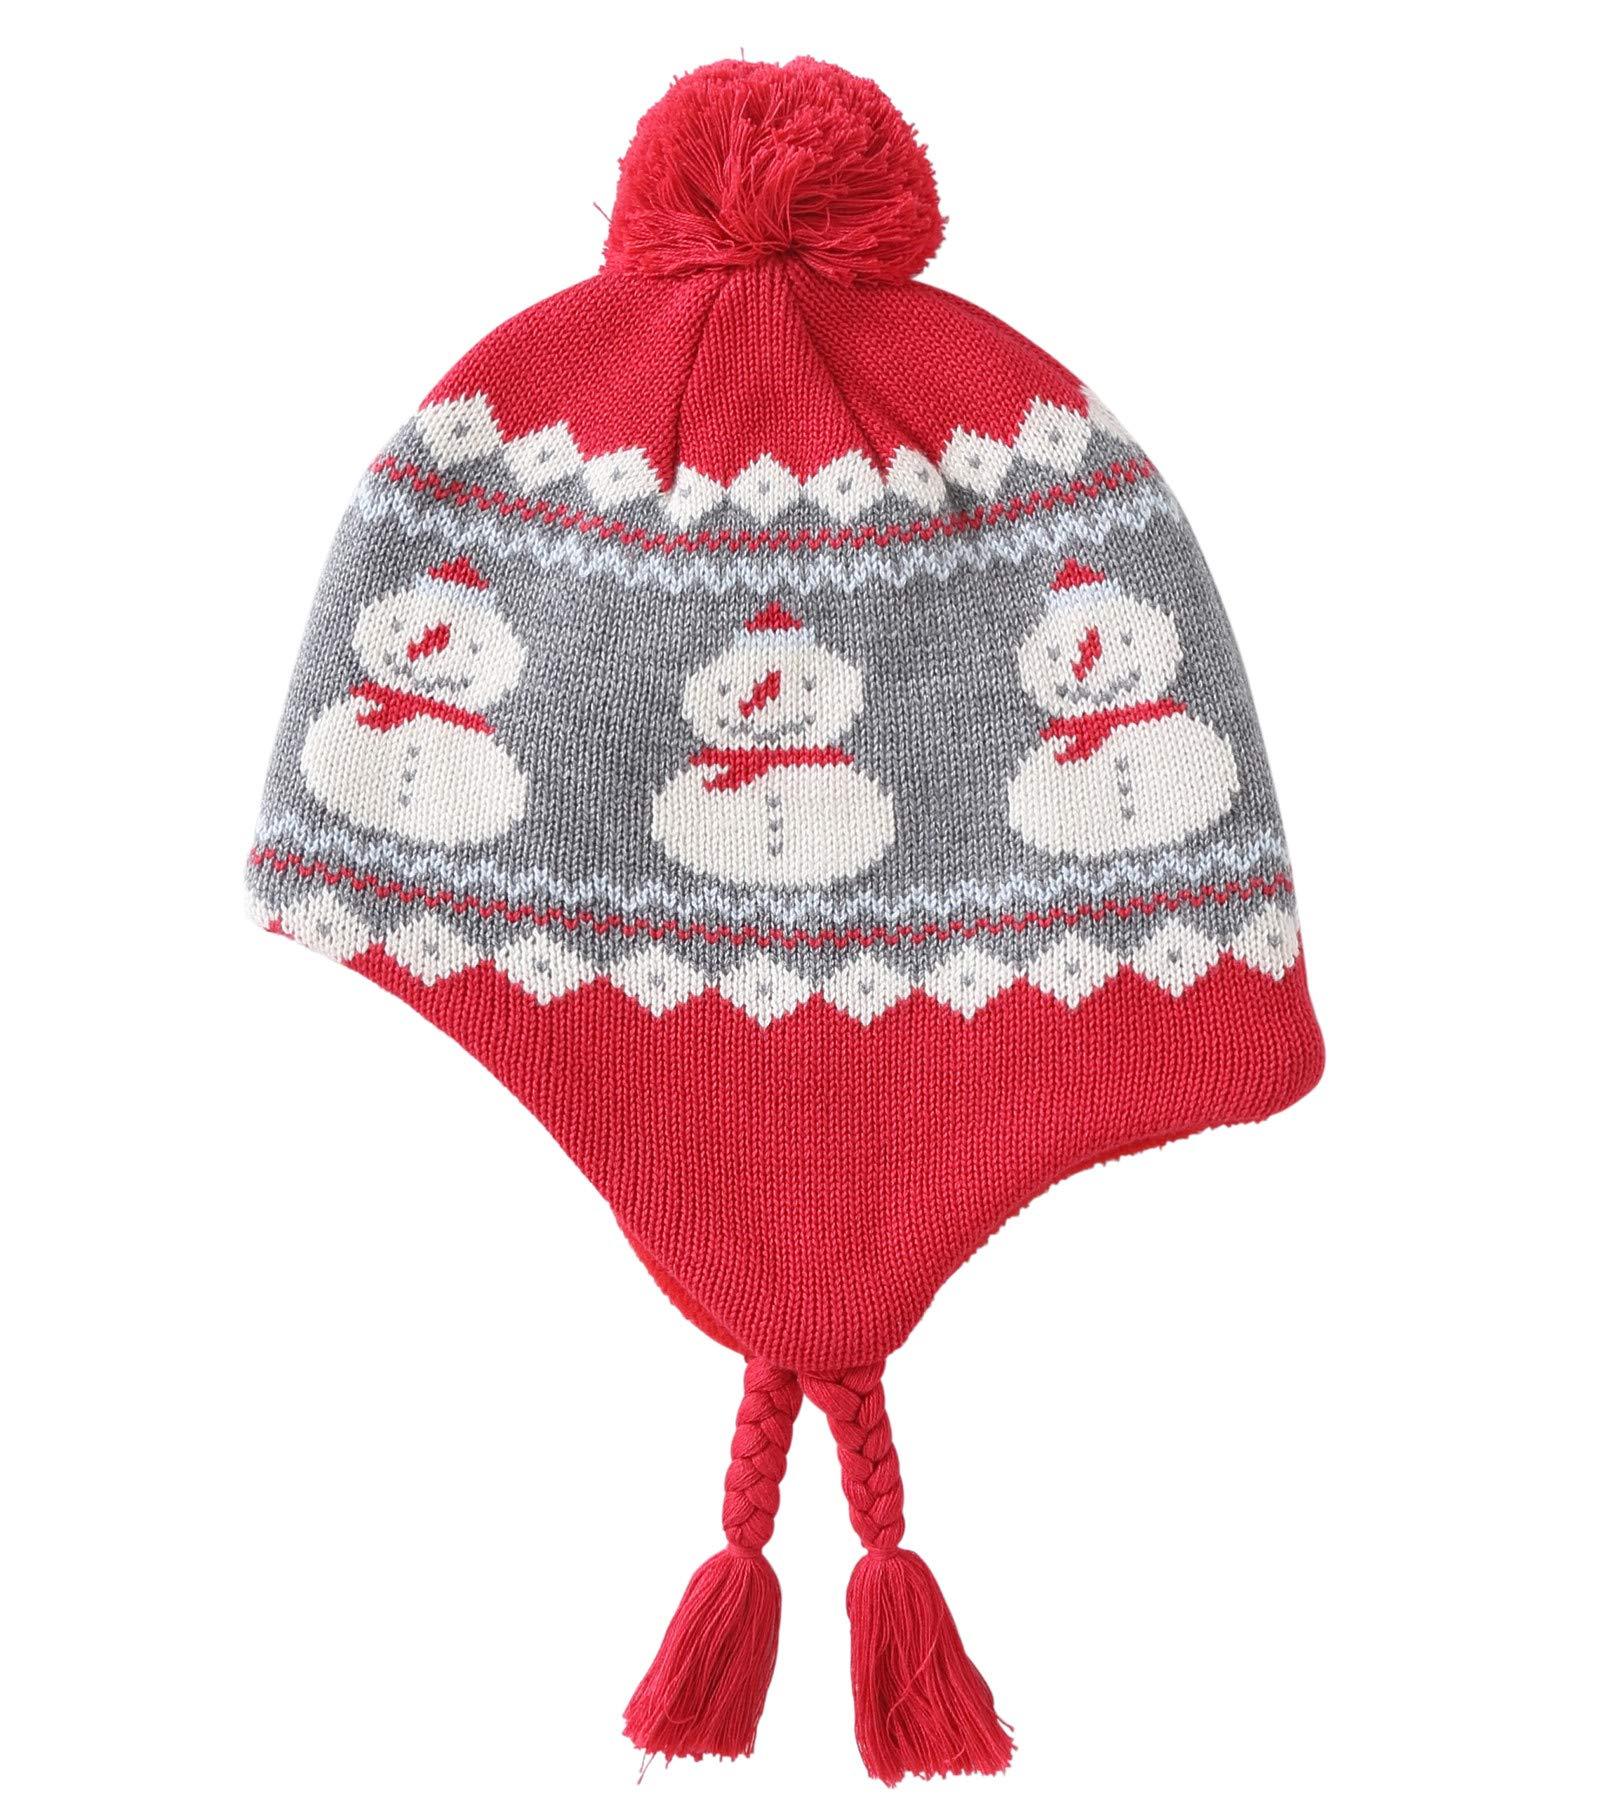 Connectyle Girls Boys Knit Kids Hat Fleece Lined Earflap Beanie Hat Warm Winter Beanies Skull Cap